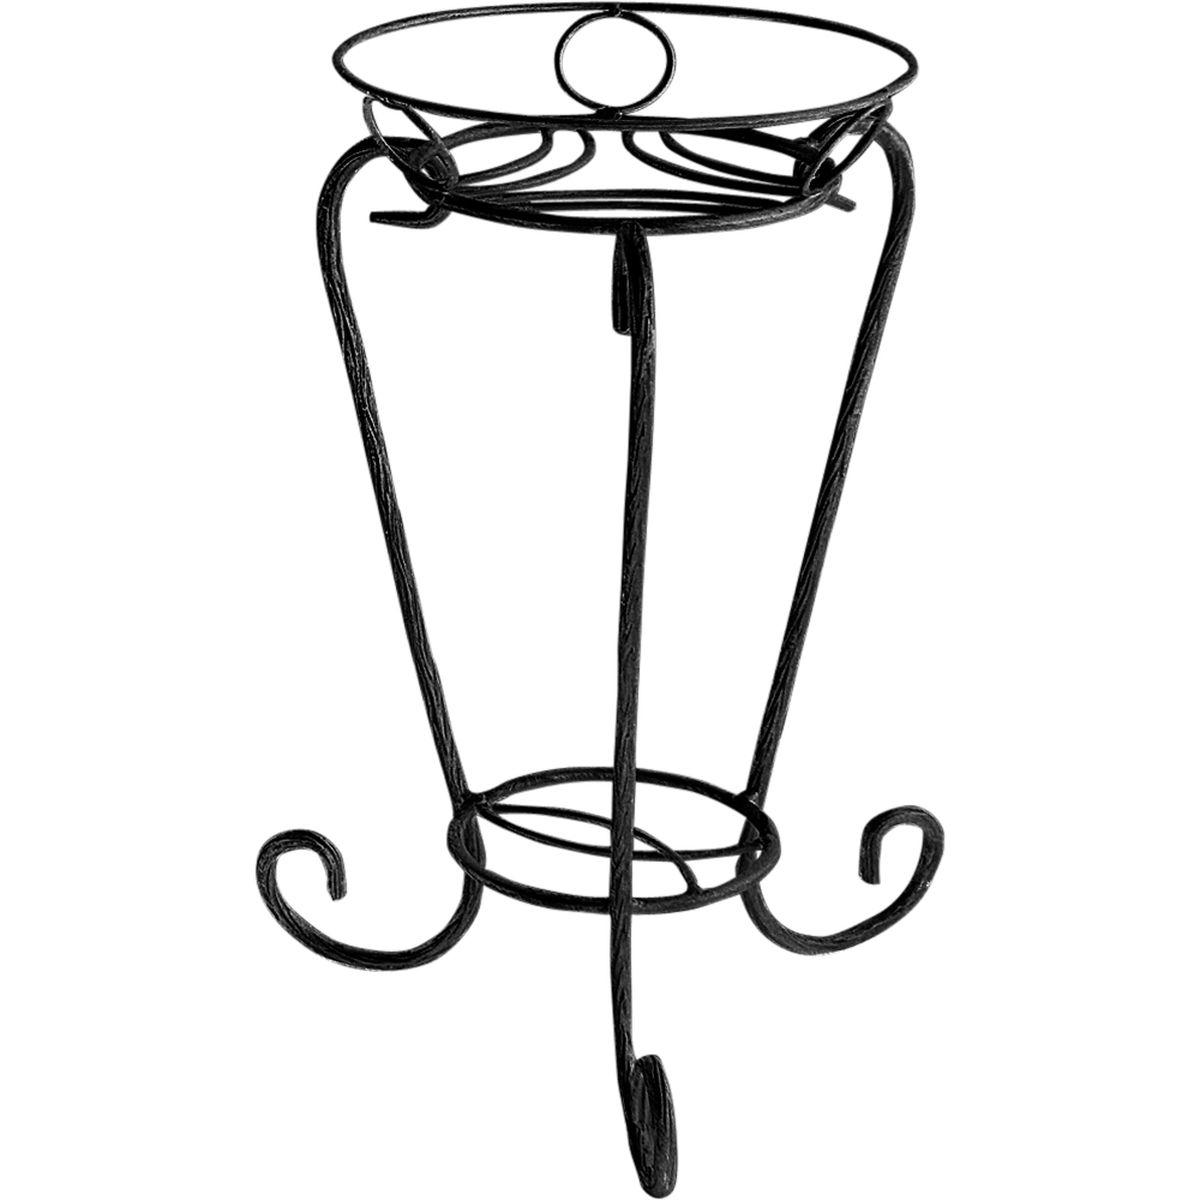 Подставка для цветов Фабрика ковки Лоза, на 1 цветок, цвет: черный14-011-BПодставка предназначена для размещения одного цветка. Изготовлена из рифленого прутка, окрашена в черный цвет. Небольшие размеры и изящная форма придают этой подставке особую элегантность и изысканность. Три изогнутых прутка в качестве ножек обеспечивают высокую устойчивость и надежность установки цветка. Корзинка декорирована колечками. Подставка идеально подойдет для оформления открытых площадок и террас в загородном доме или коттедже.